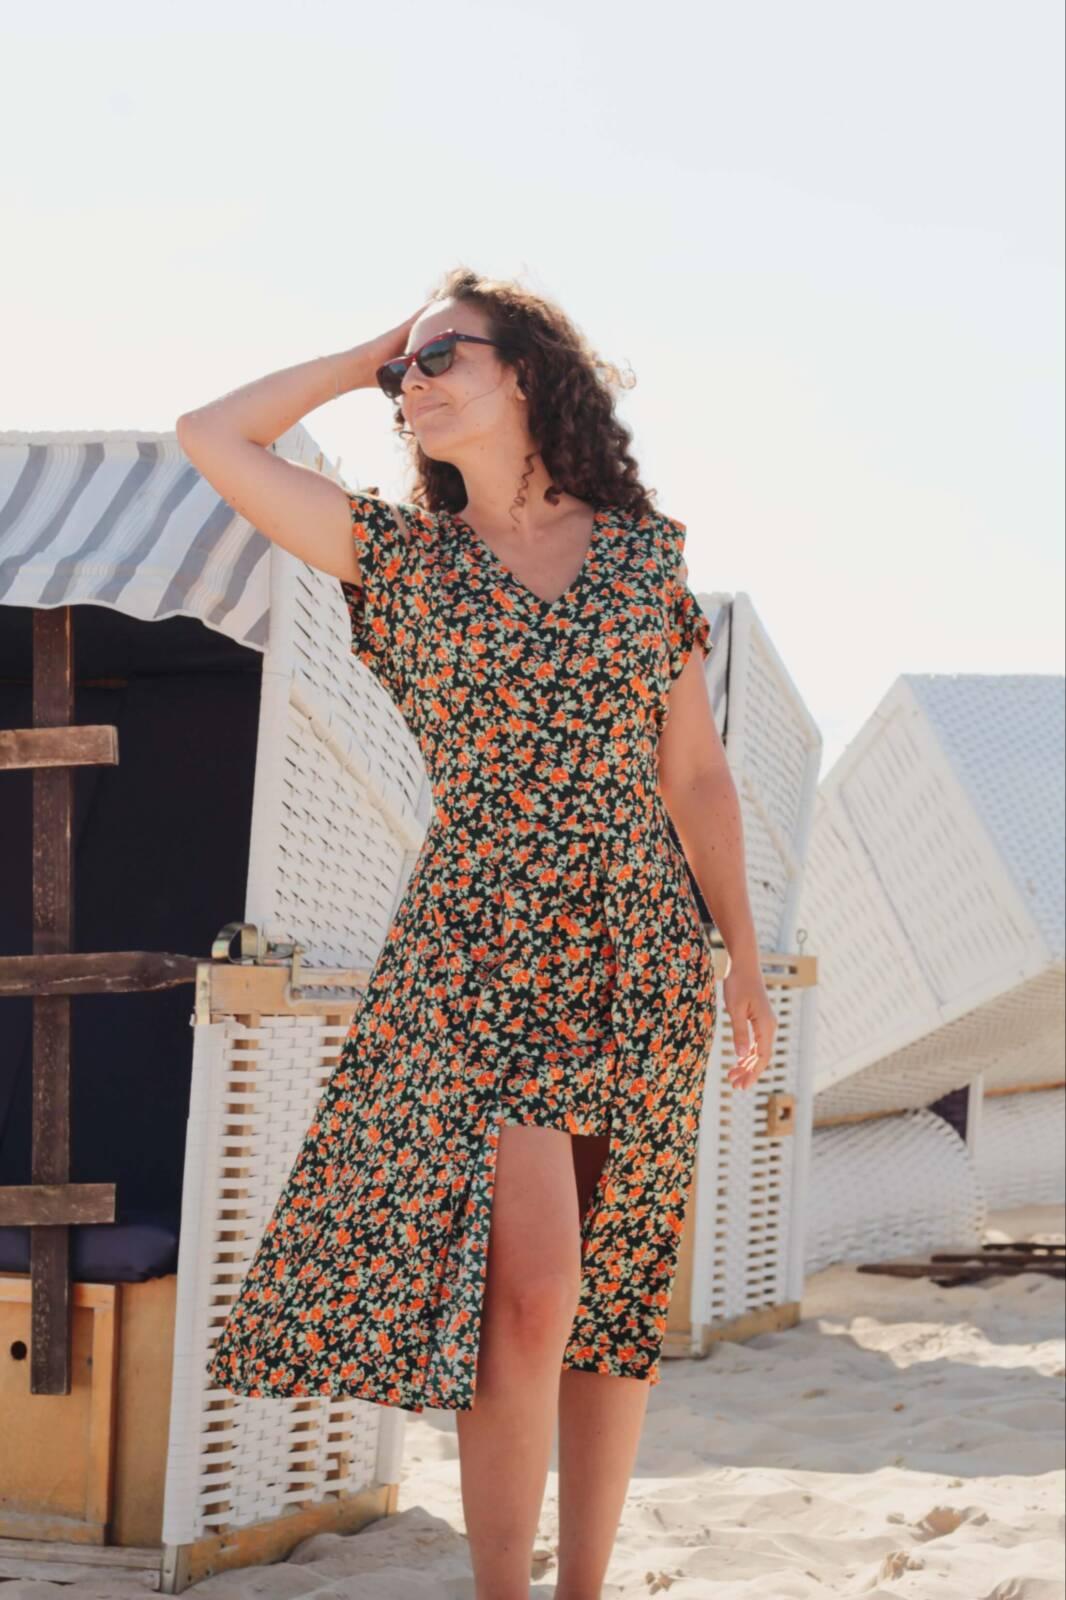 damen italy moda kleid flower rosen motiv sommer volant